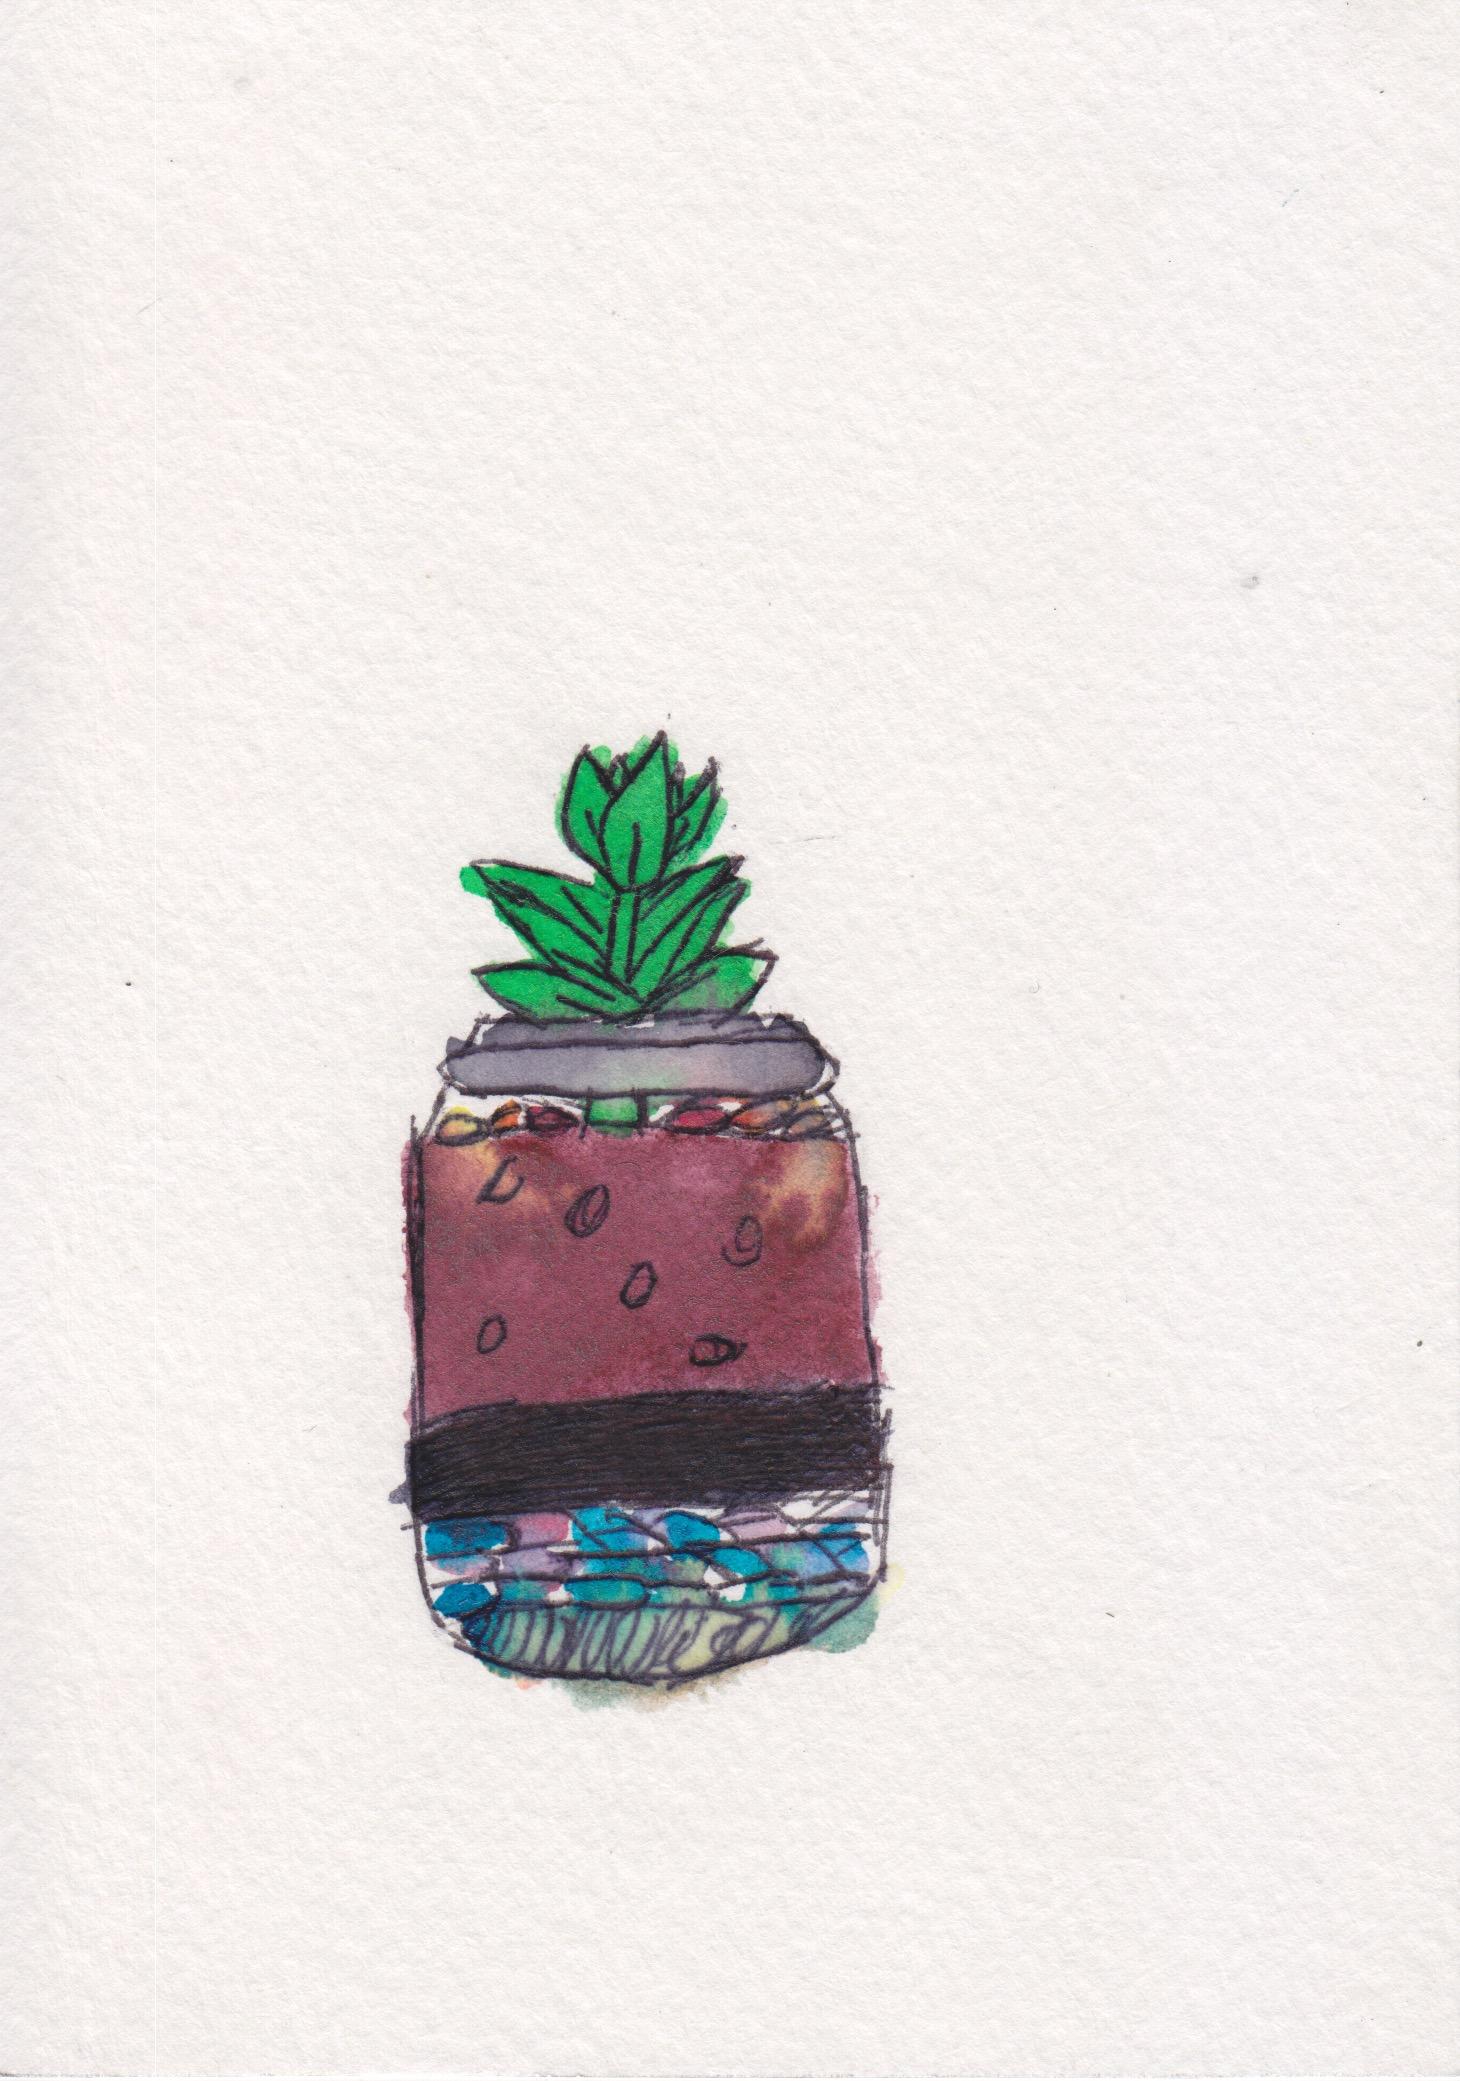 centro_watercolor terrarium_EzekiellyFigueroa.jpeg